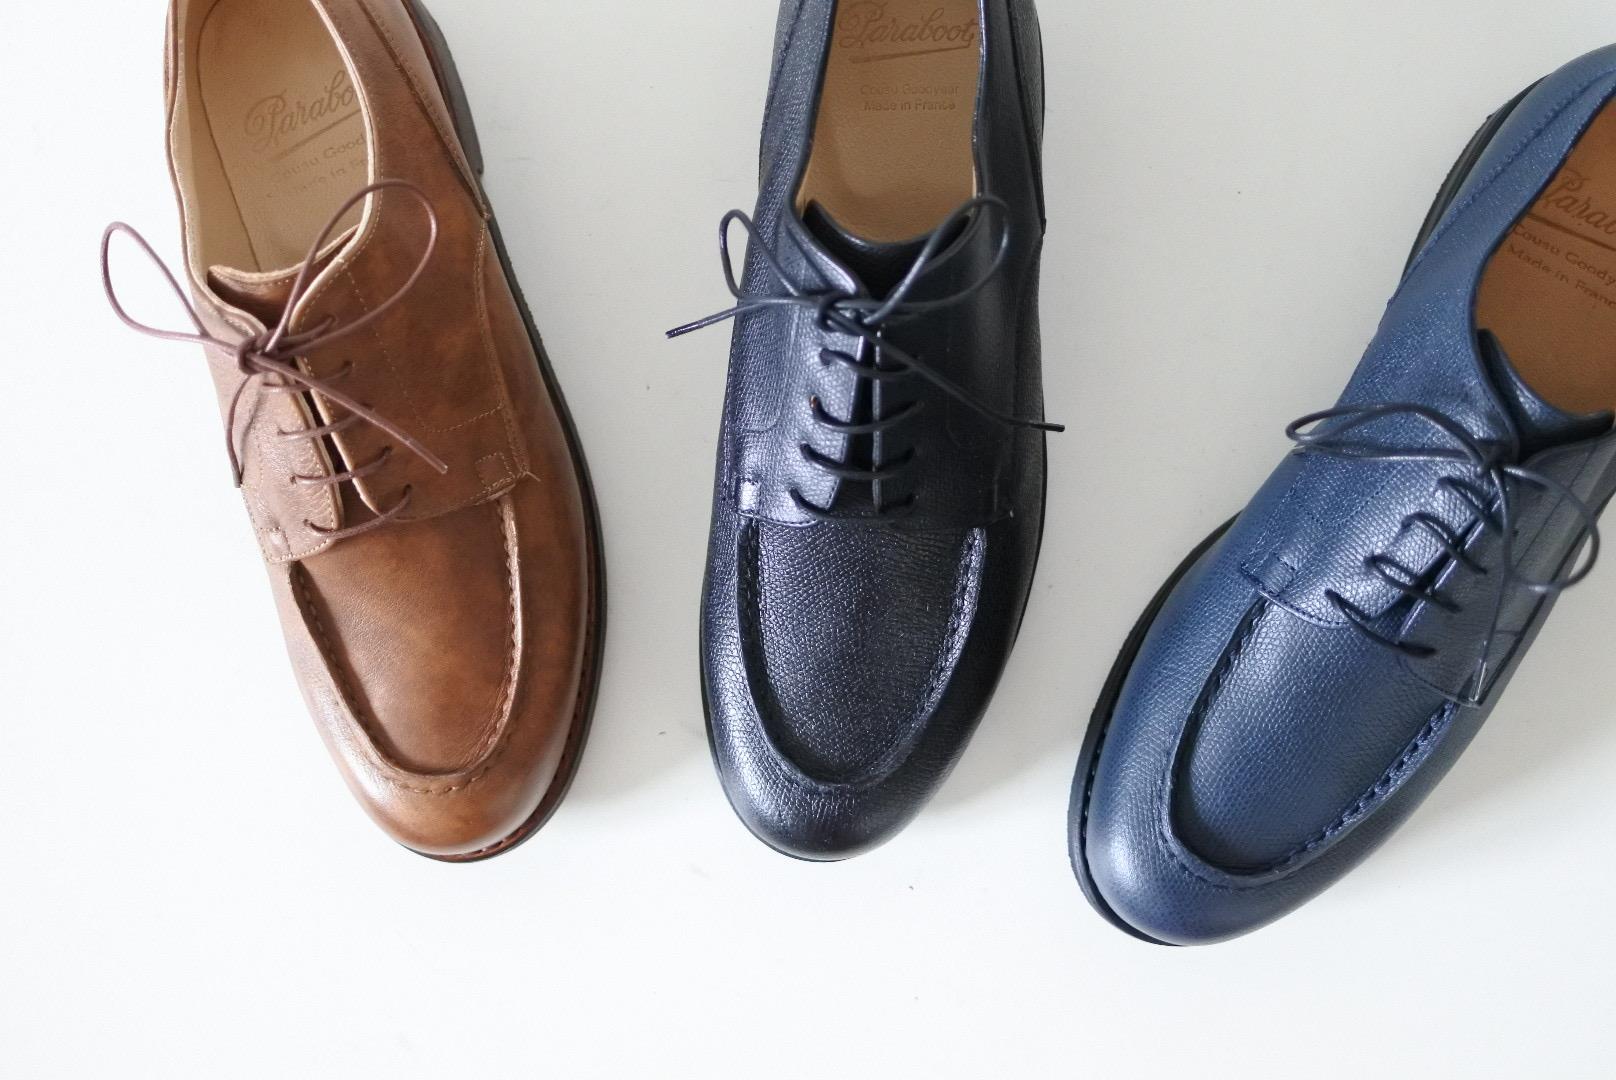 雨の日用の革靴に迷ったら、Paraboot(パラブーツ)のシャンボードがおすすめ。